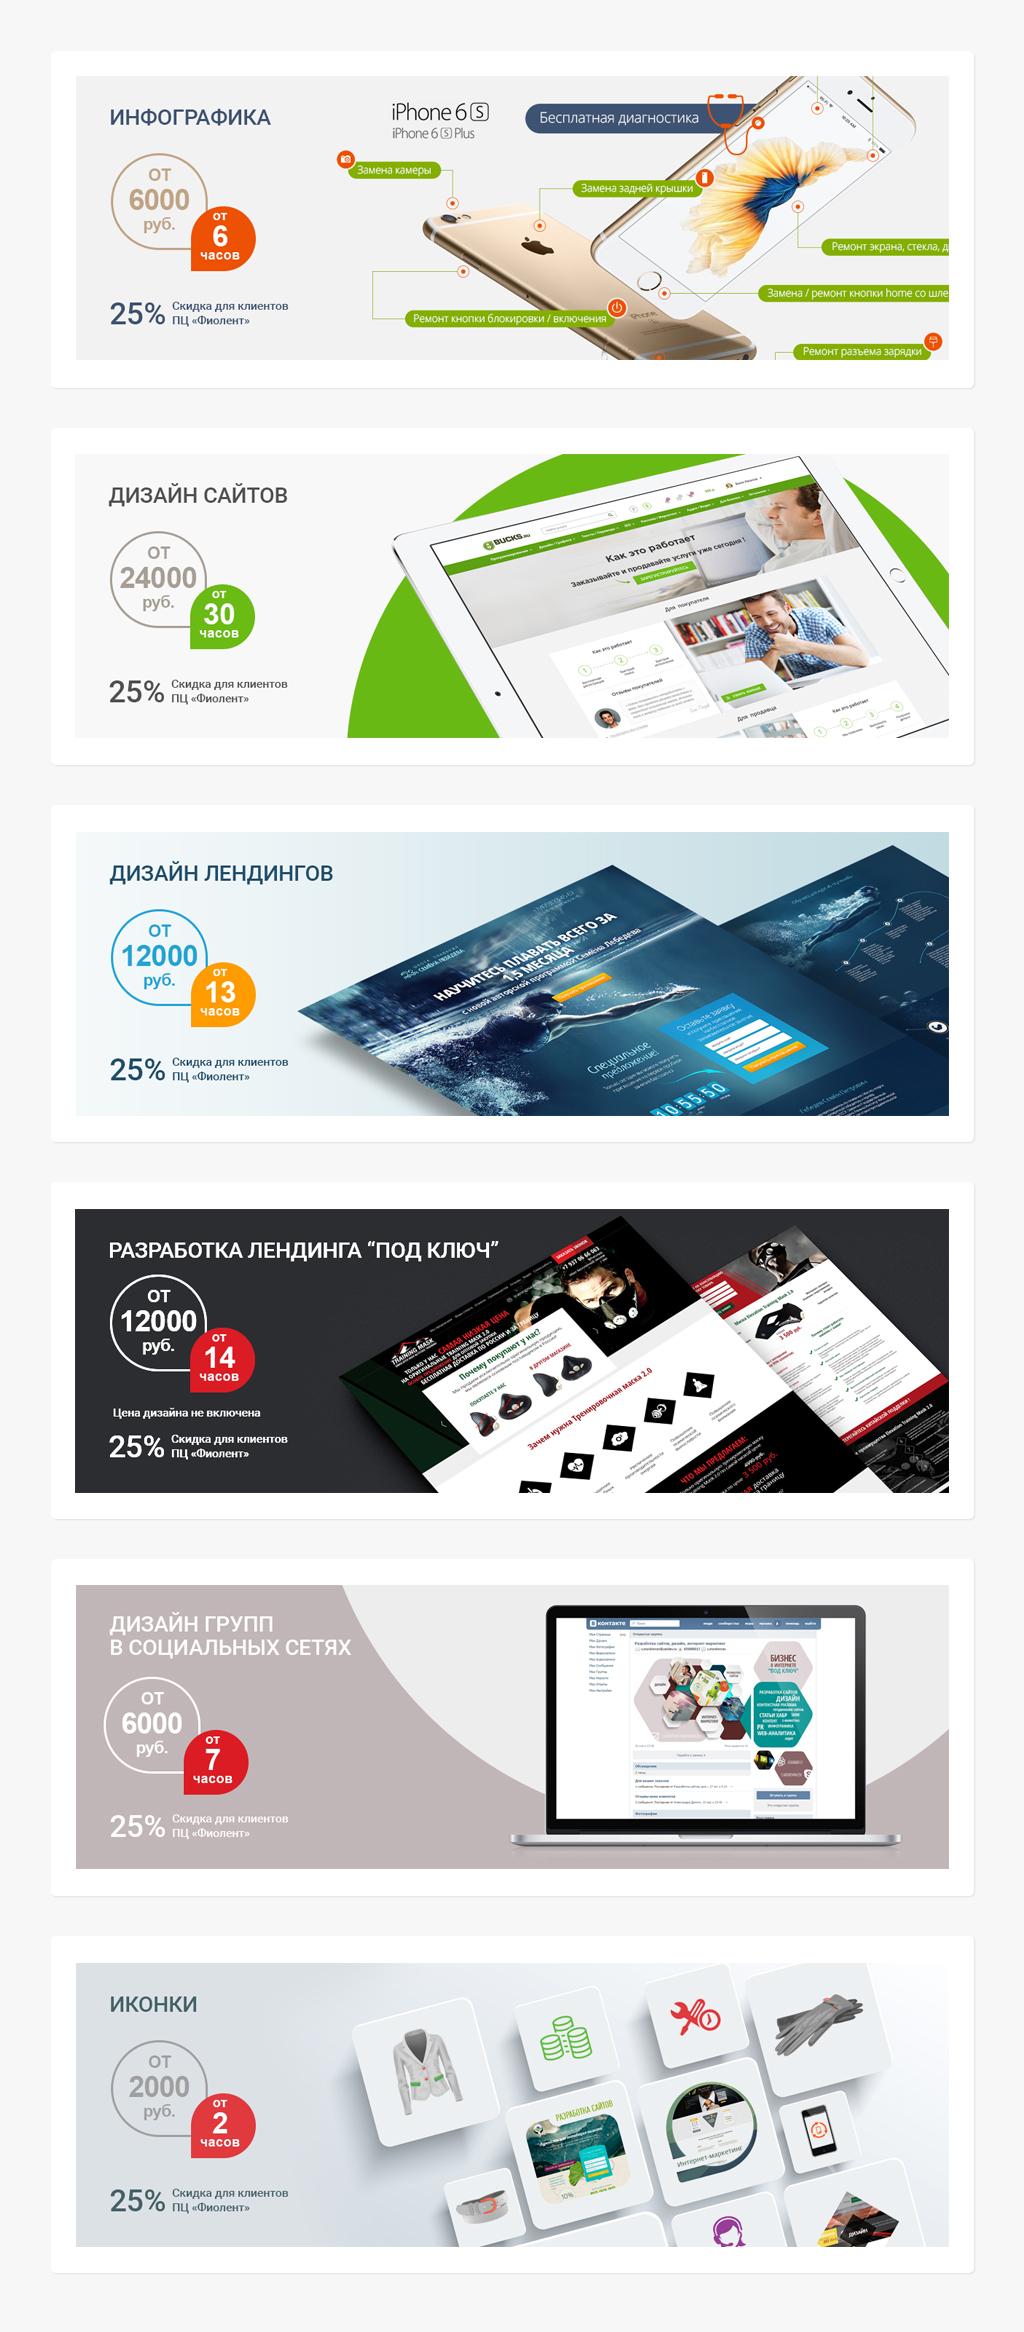 Дизайн слайдов для раздела Веб-студии на сайте Фиолент